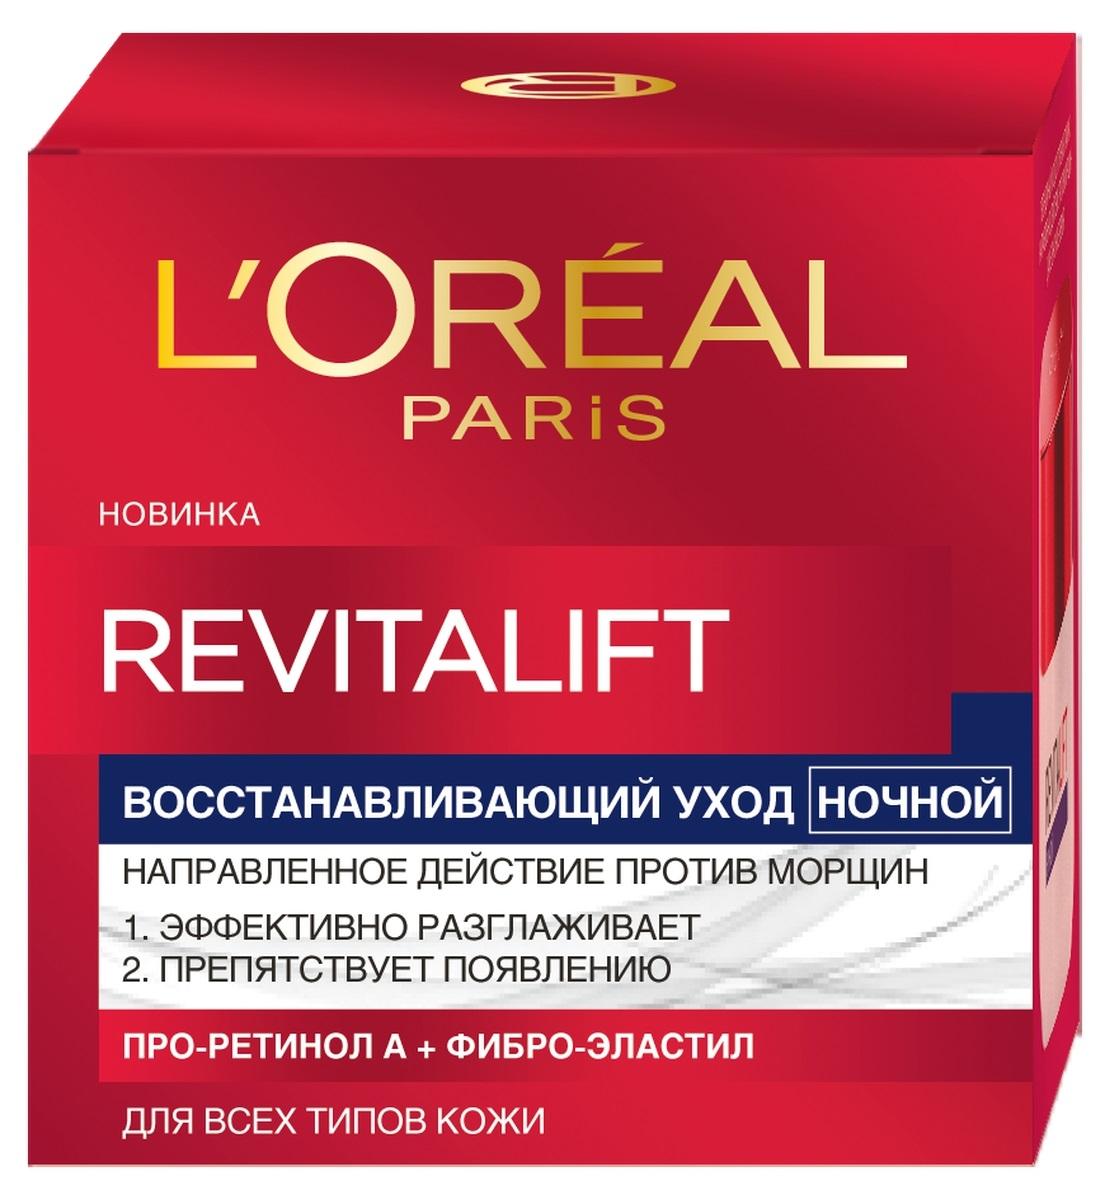 L'Oreal Paris Revitalift Ночной антивозрастной крем для лица, 50 мл silapant крем для лица ночной 50 мл